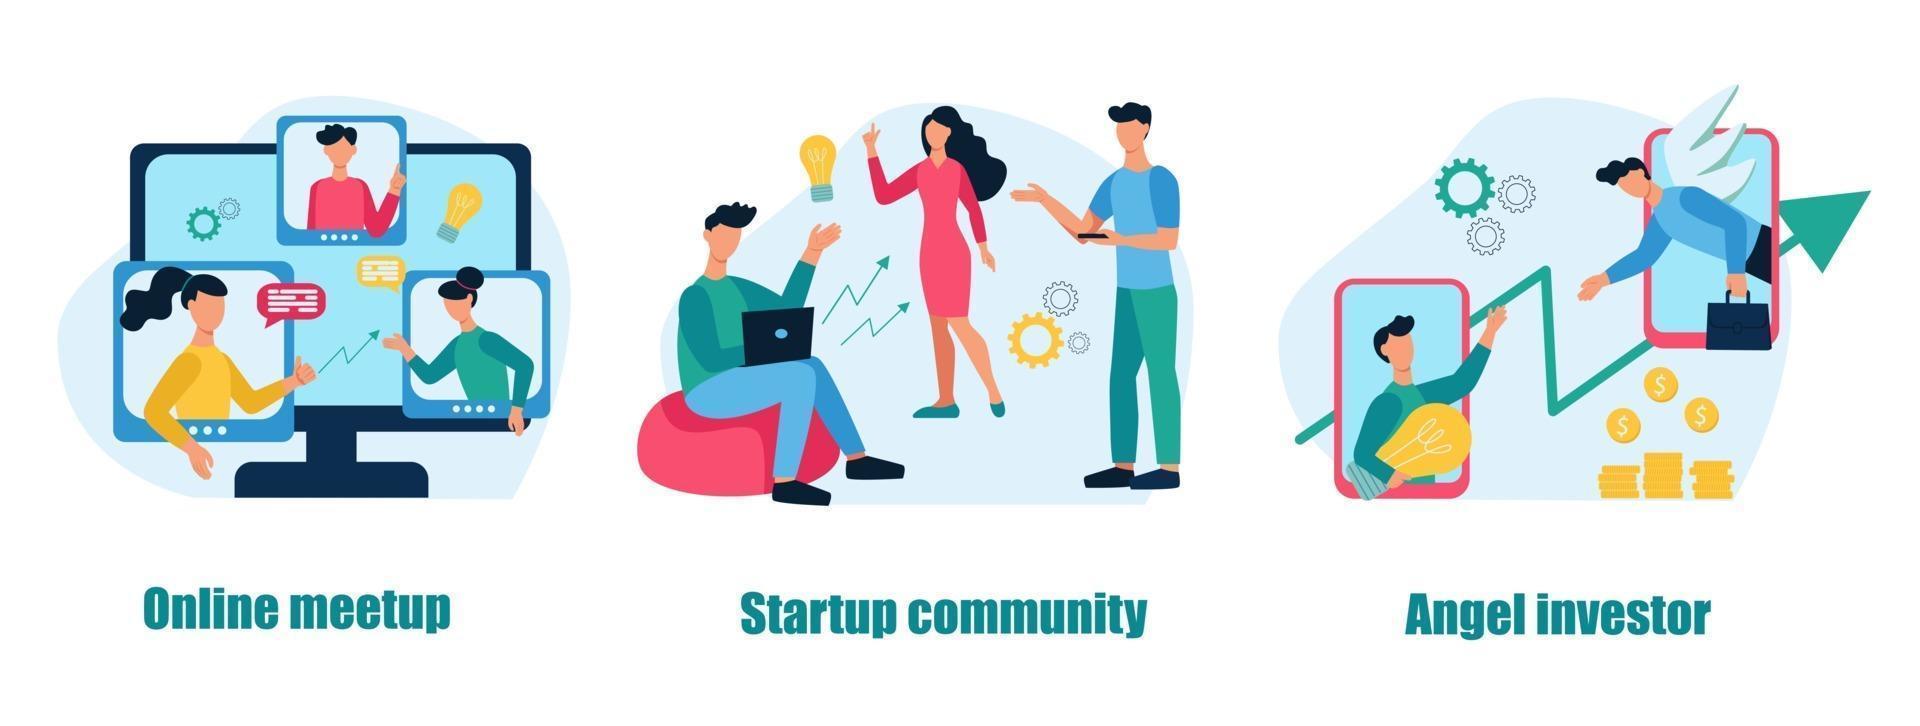 eine Reihe von Geschäftskonzepten und Metaphern. Online-Meetup, Startup-Community, Angel Investor. Teamwork, Geschäftsentwicklung. flache Karikaturvektorillustration. vektor